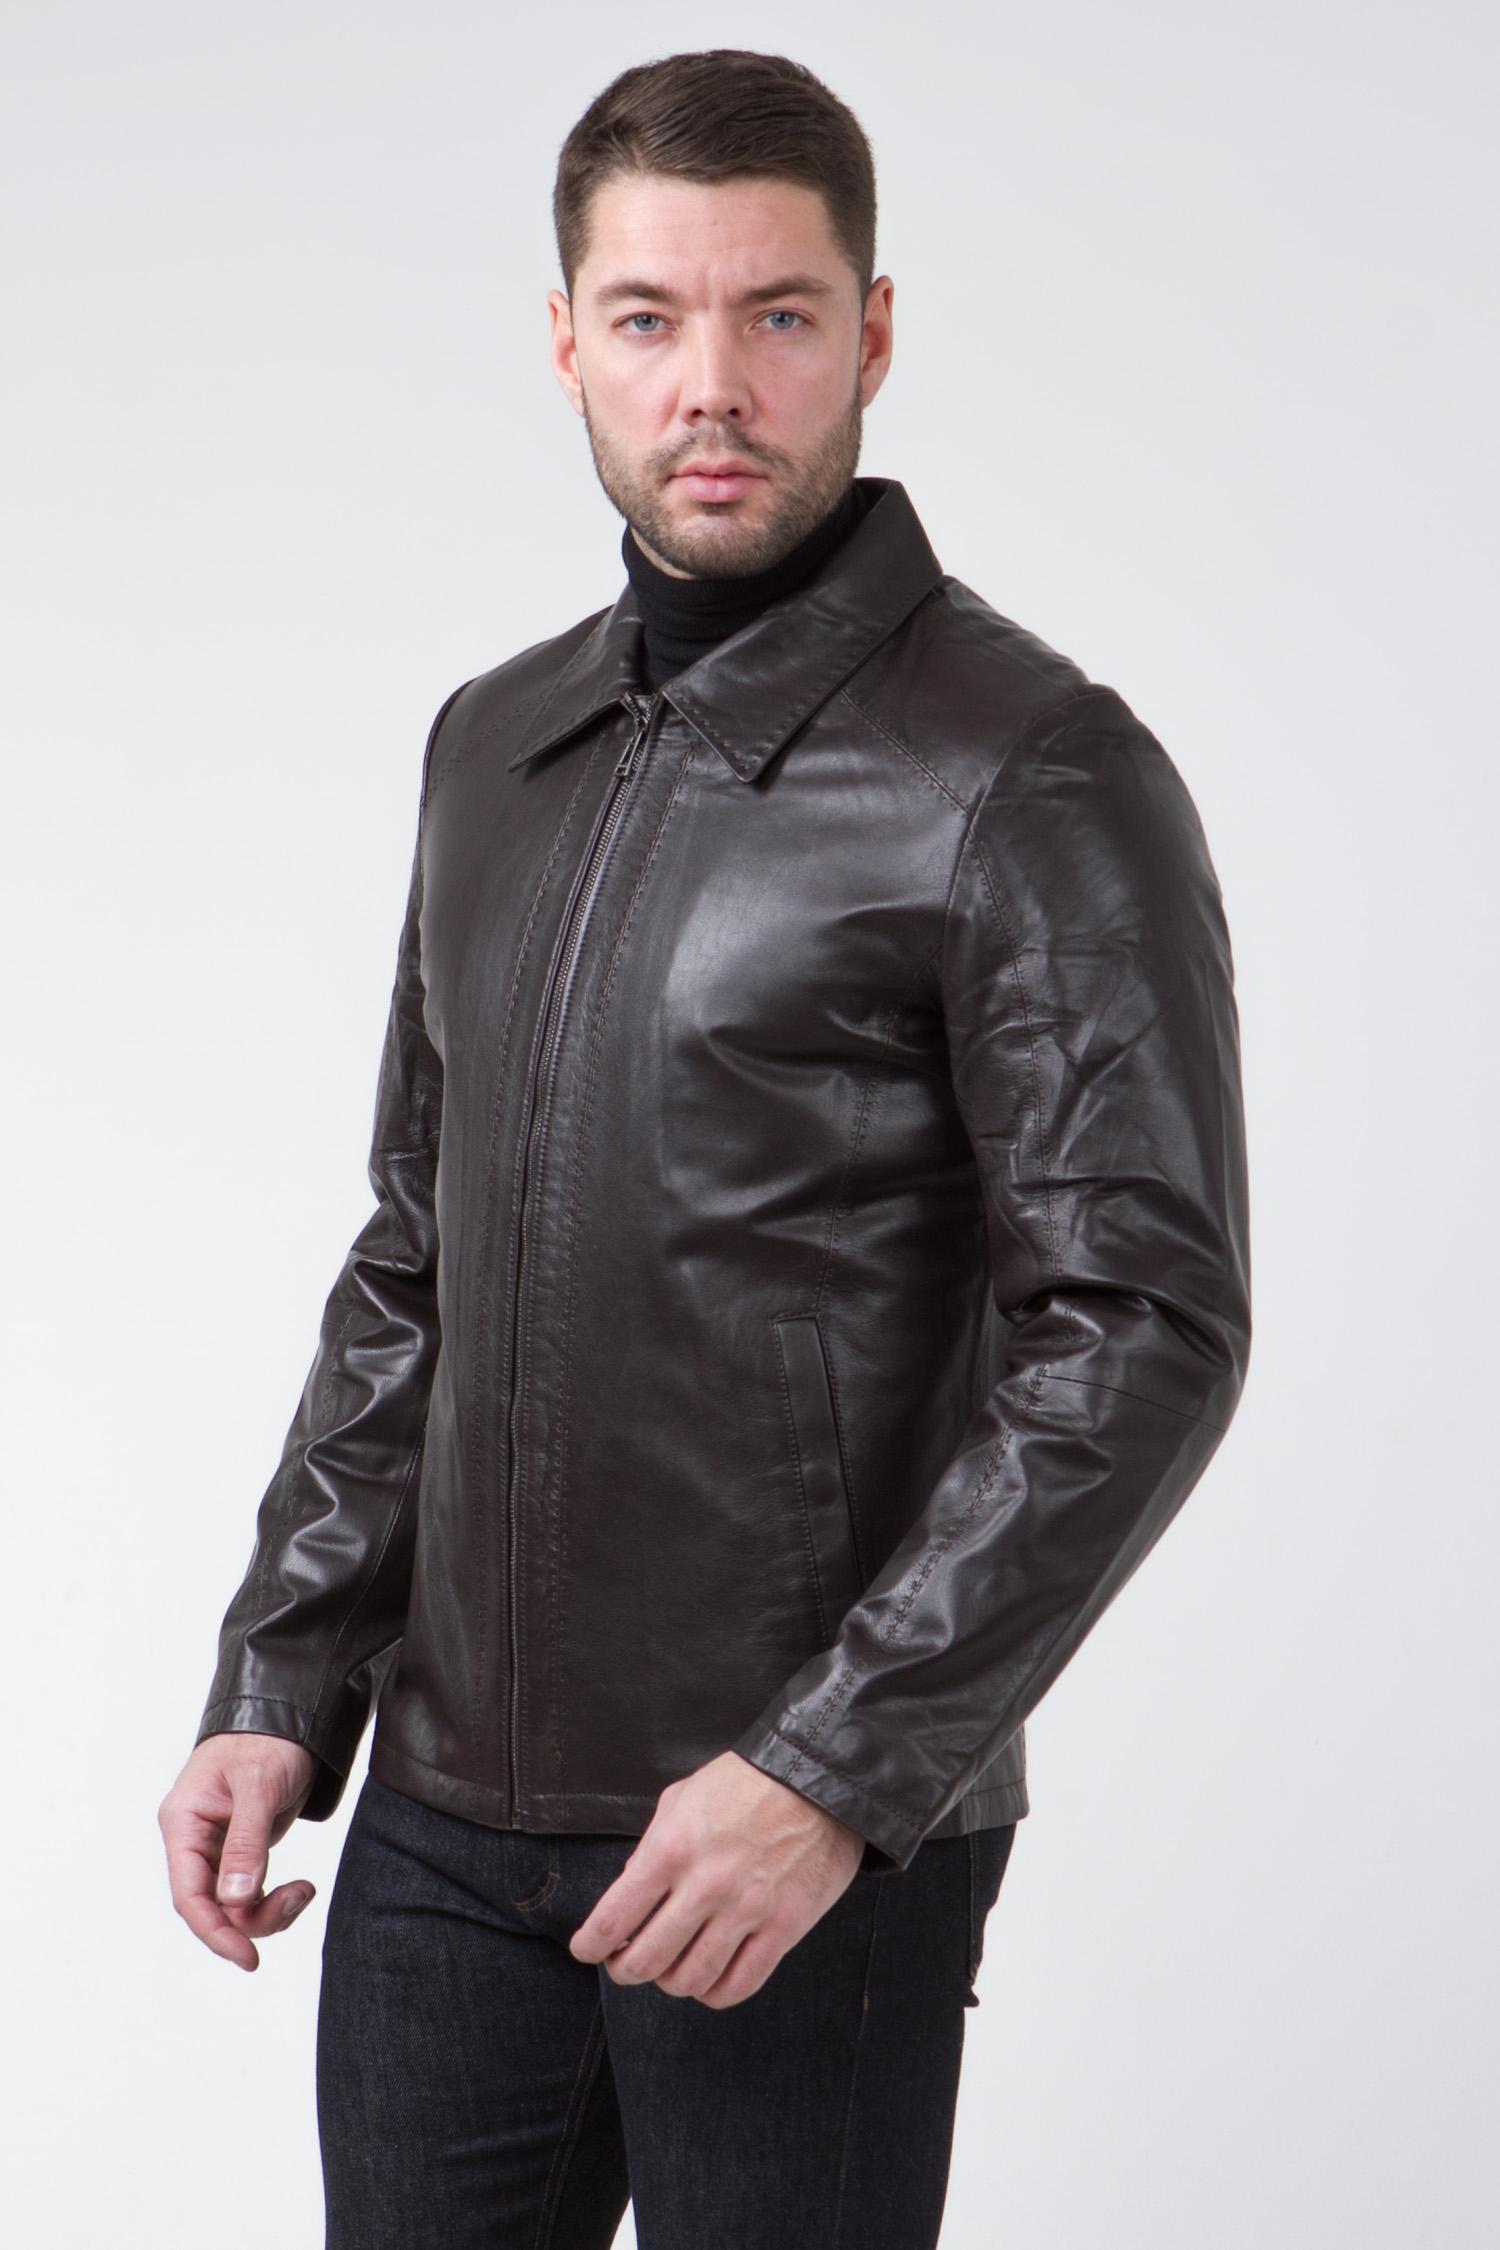 Мужская кожаная куртка из натуральной кожи с воротником, без отделки<br><br>Воротник: отложной<br>Длина см: Короткая (51-74 )<br>Материал: Кожа овчина<br>Цвет: коричневый<br>Вид застежки: центральная<br>Застежка: на молнии<br>Пол: Мужской<br>Размер RU: 56